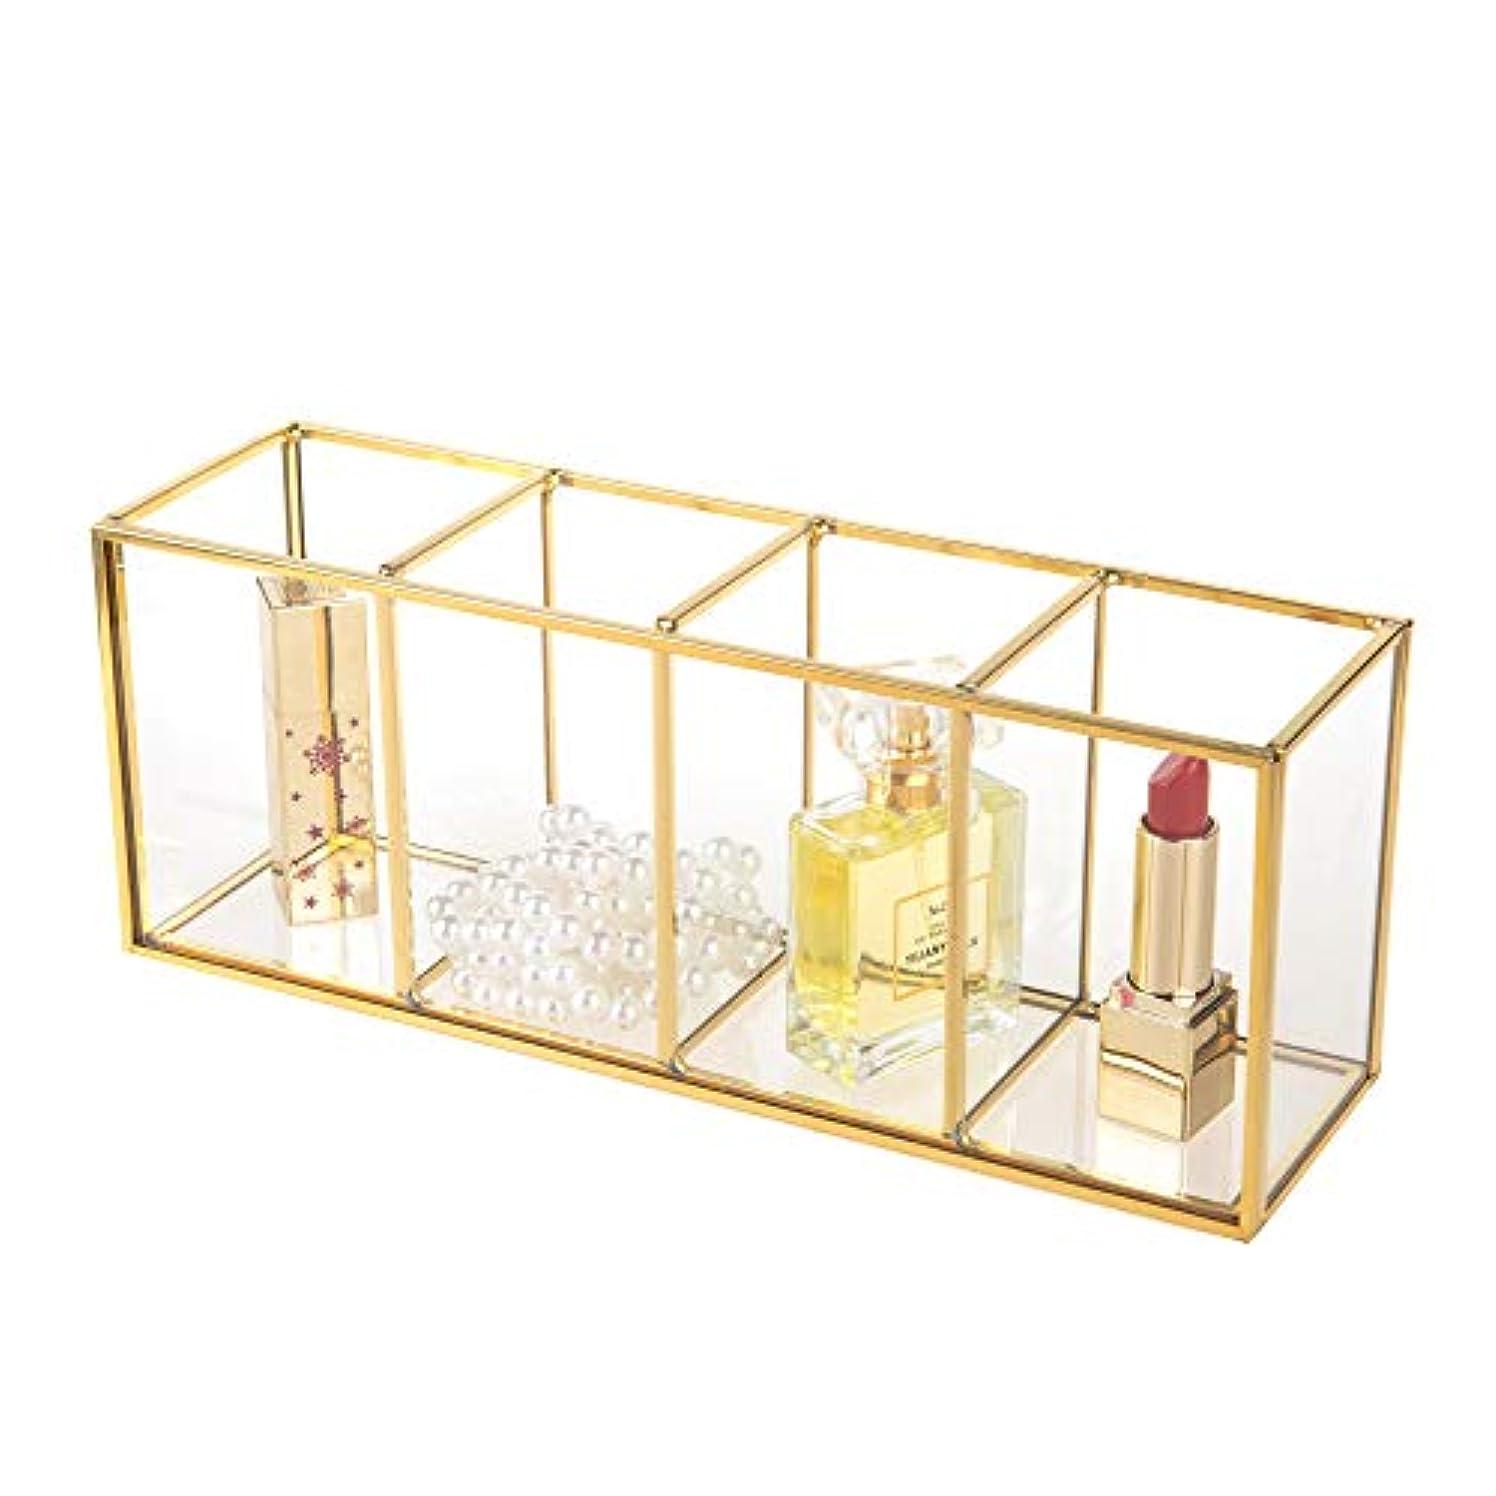 記者ブローホールリンクFeyarl メイクブラシケース ブラシスタンド 化粧ブラシホルダー ブラシ収納 ブラシ入れ 小物収納 長方形 四格 ゴールド